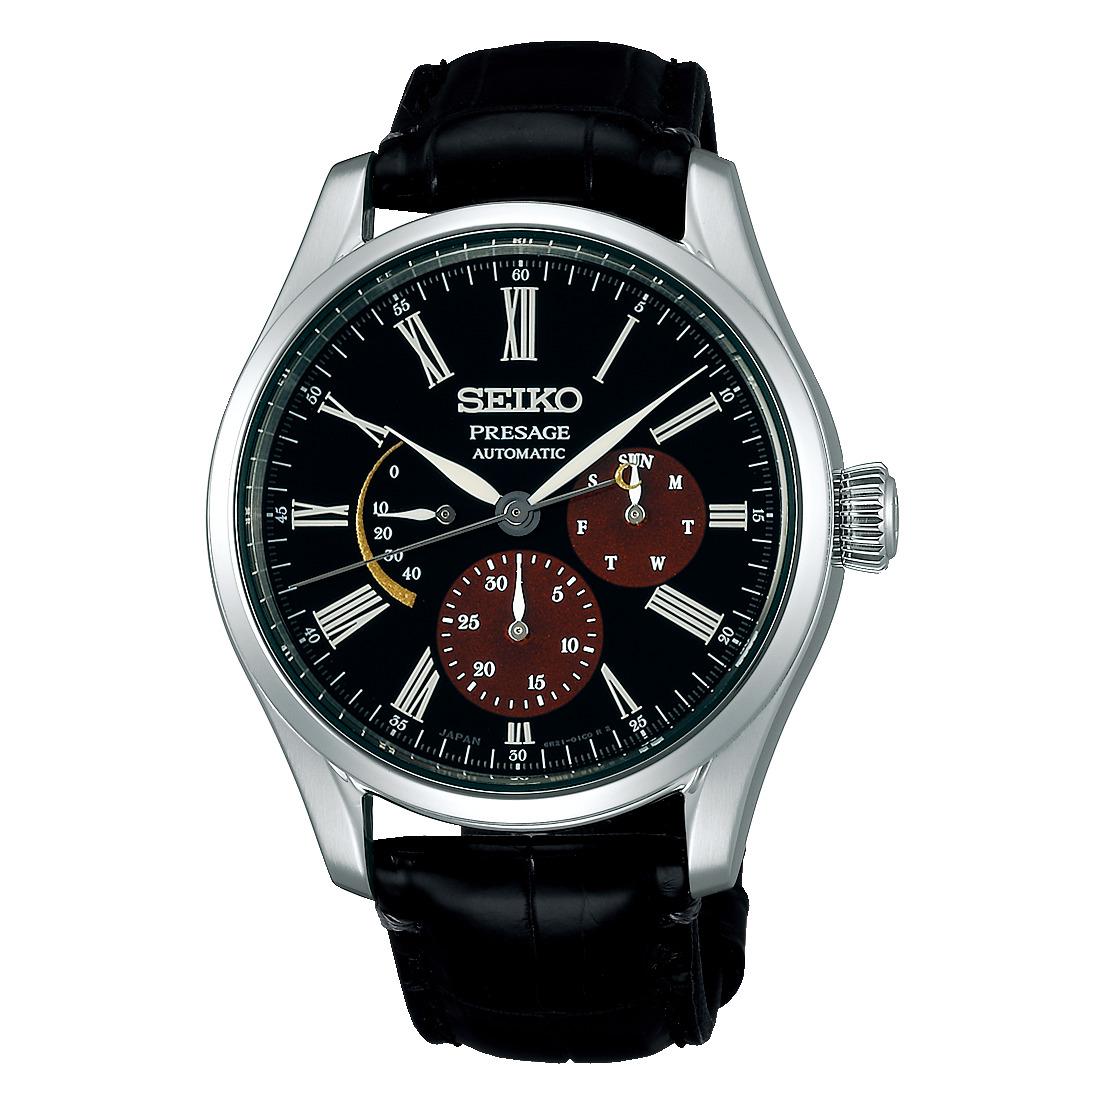 正規品 SEIKO PRESAGE セイコープレザージュ SARW045 プレステージモデル 漆・白檀塗限定モデル 限定2000本 腕時計